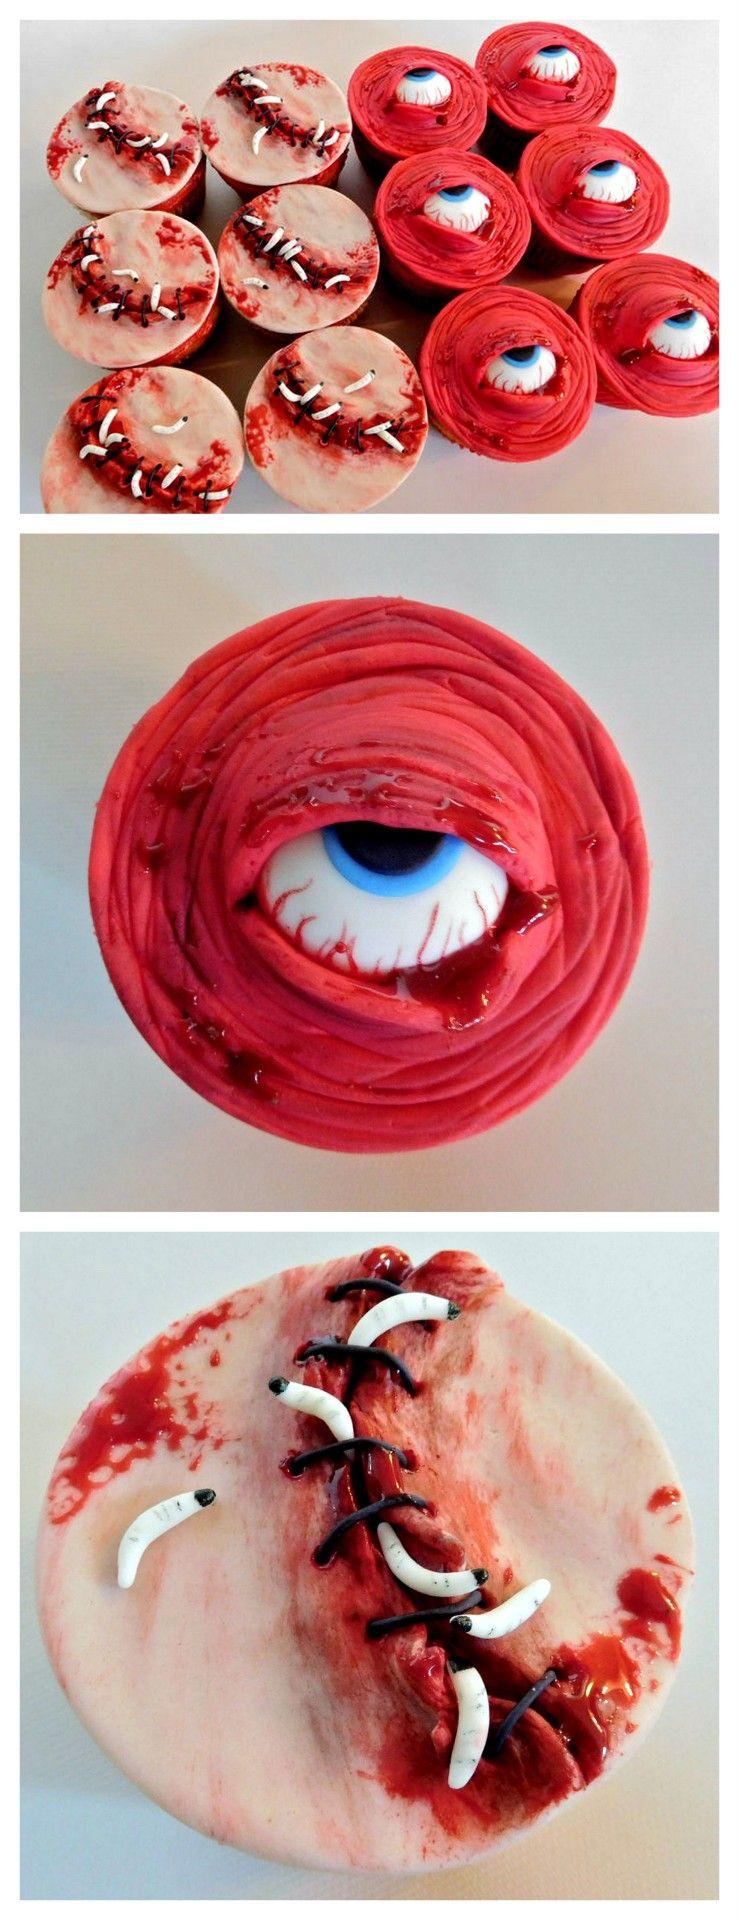 DIY Creepy Cupcakes Tutorial von Instructables 'User Wold630. Machen Sie diese DIY C …